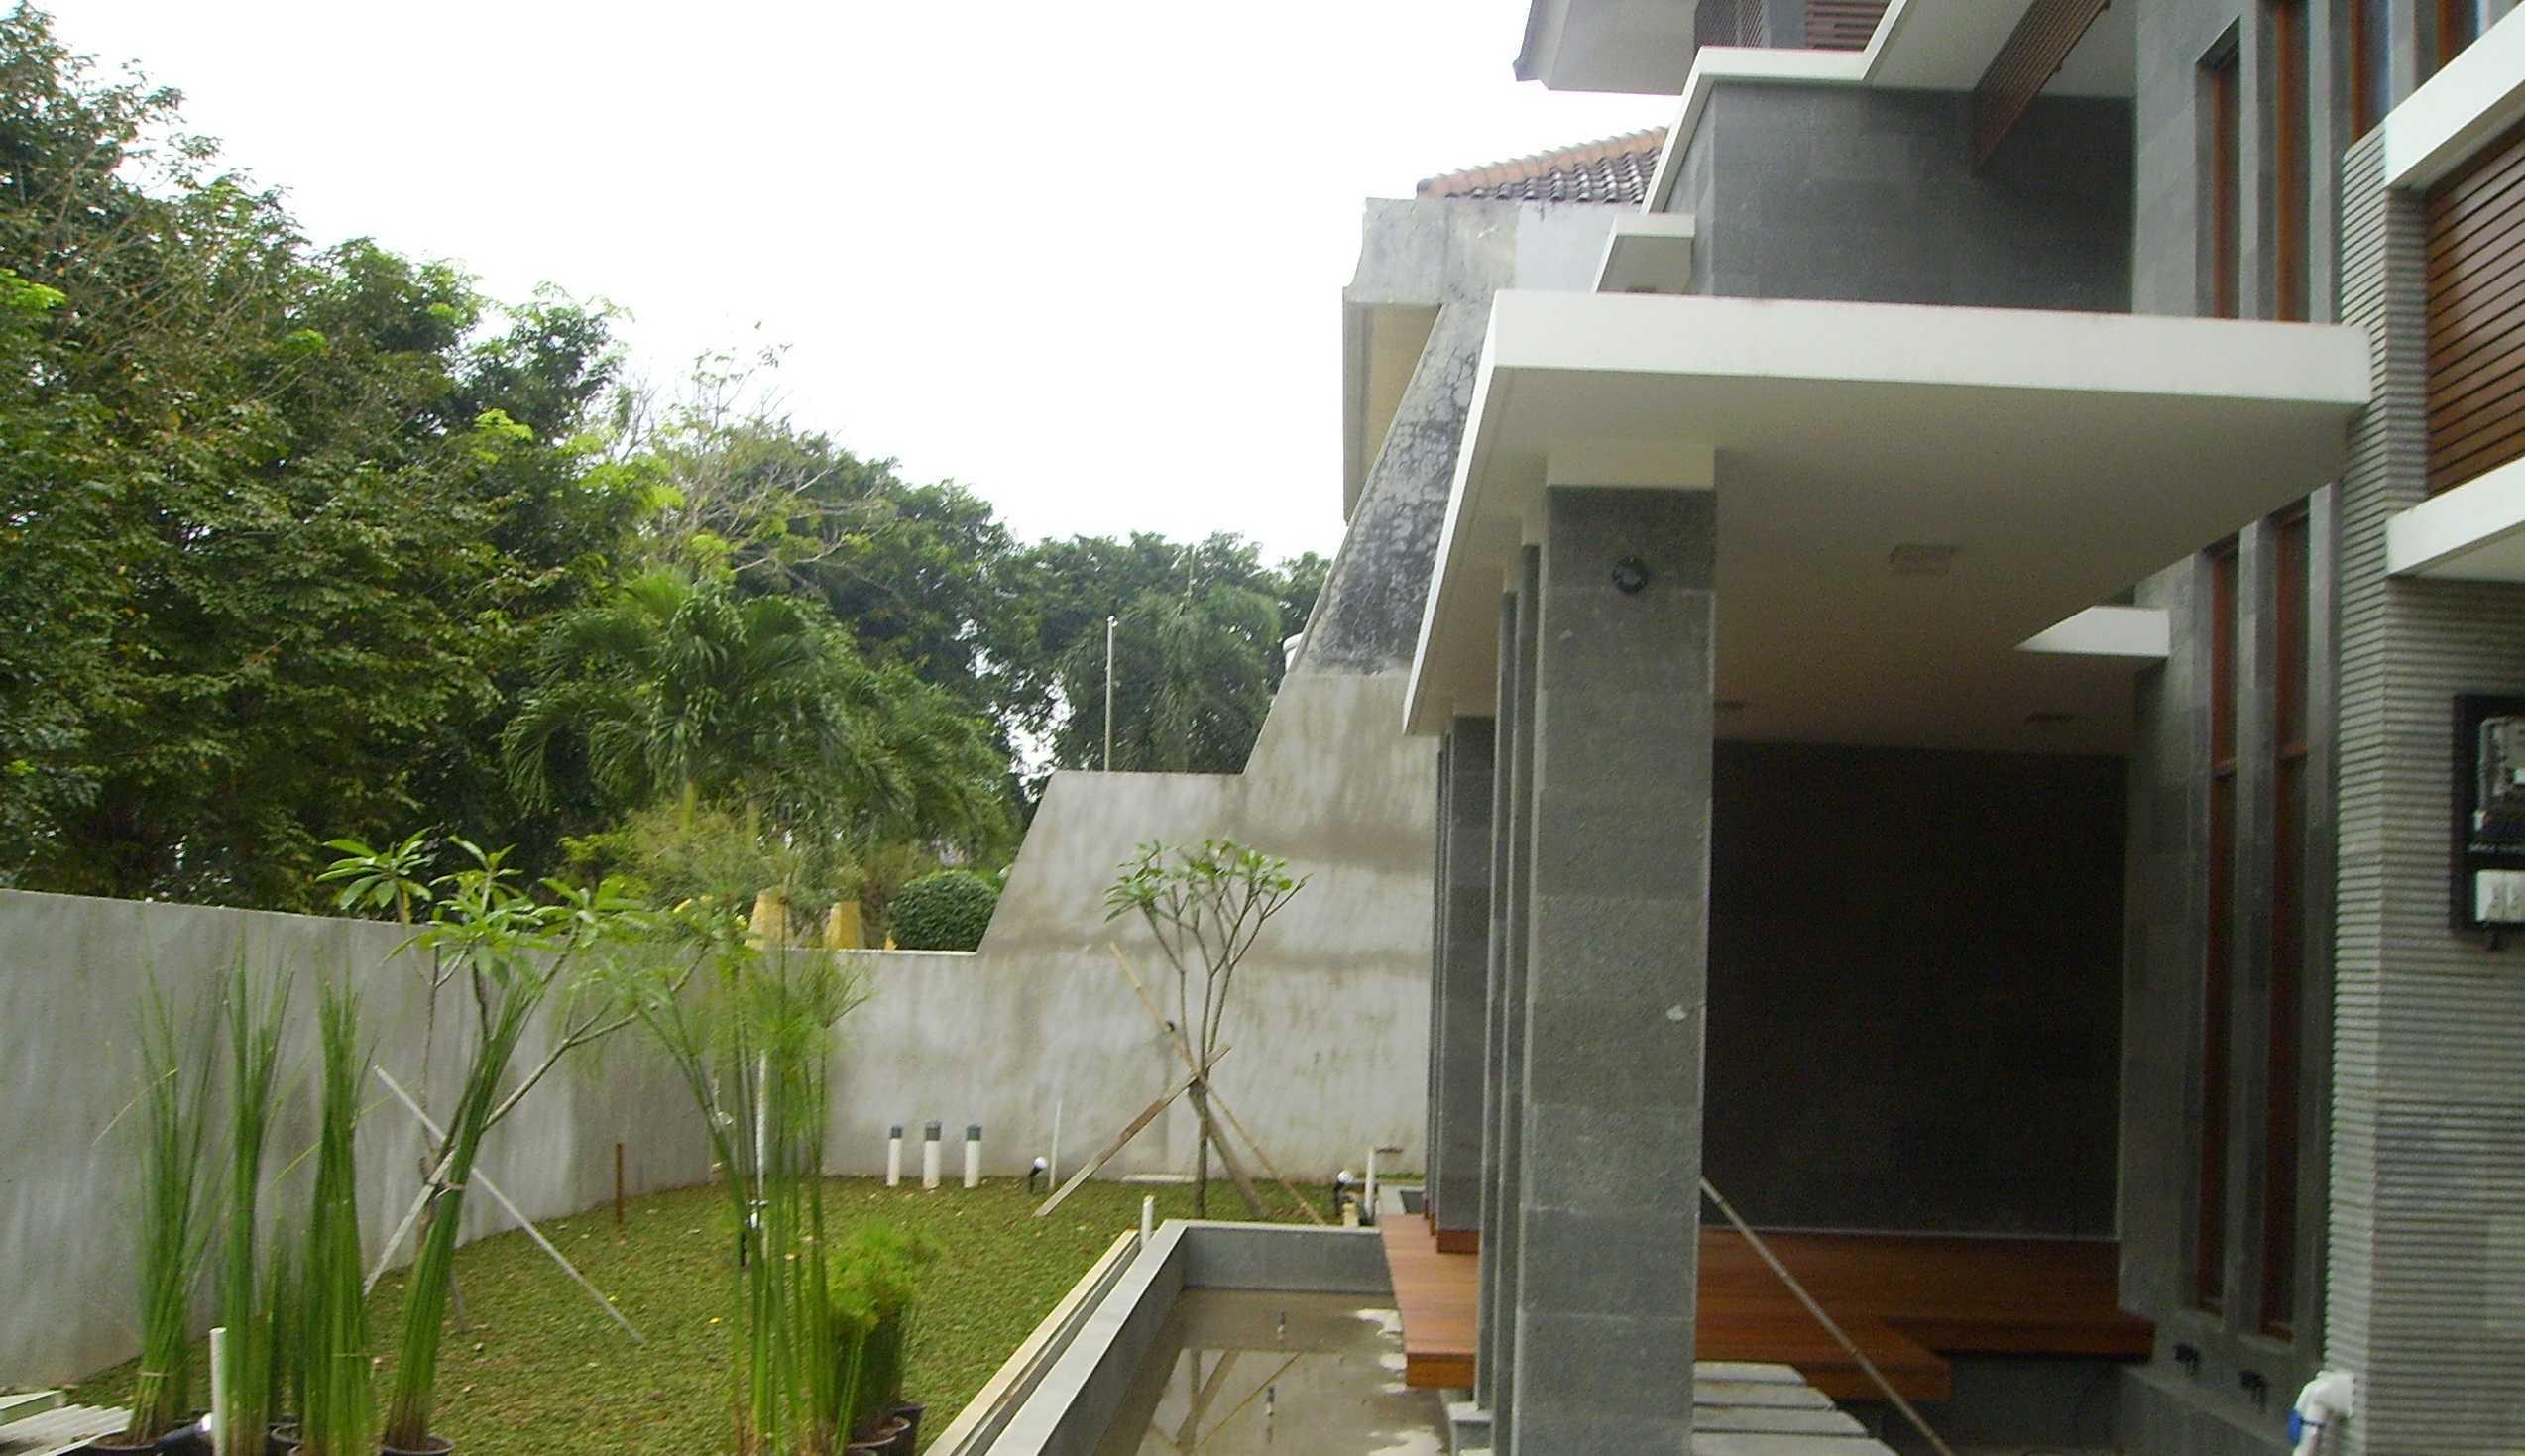 Kurniadi Sugiarta Modern Land Dl Modern Land, Tangerang Modern Land, Tangerang Front Garden With Pond Modernland Tradisional,tropis,modern  22208